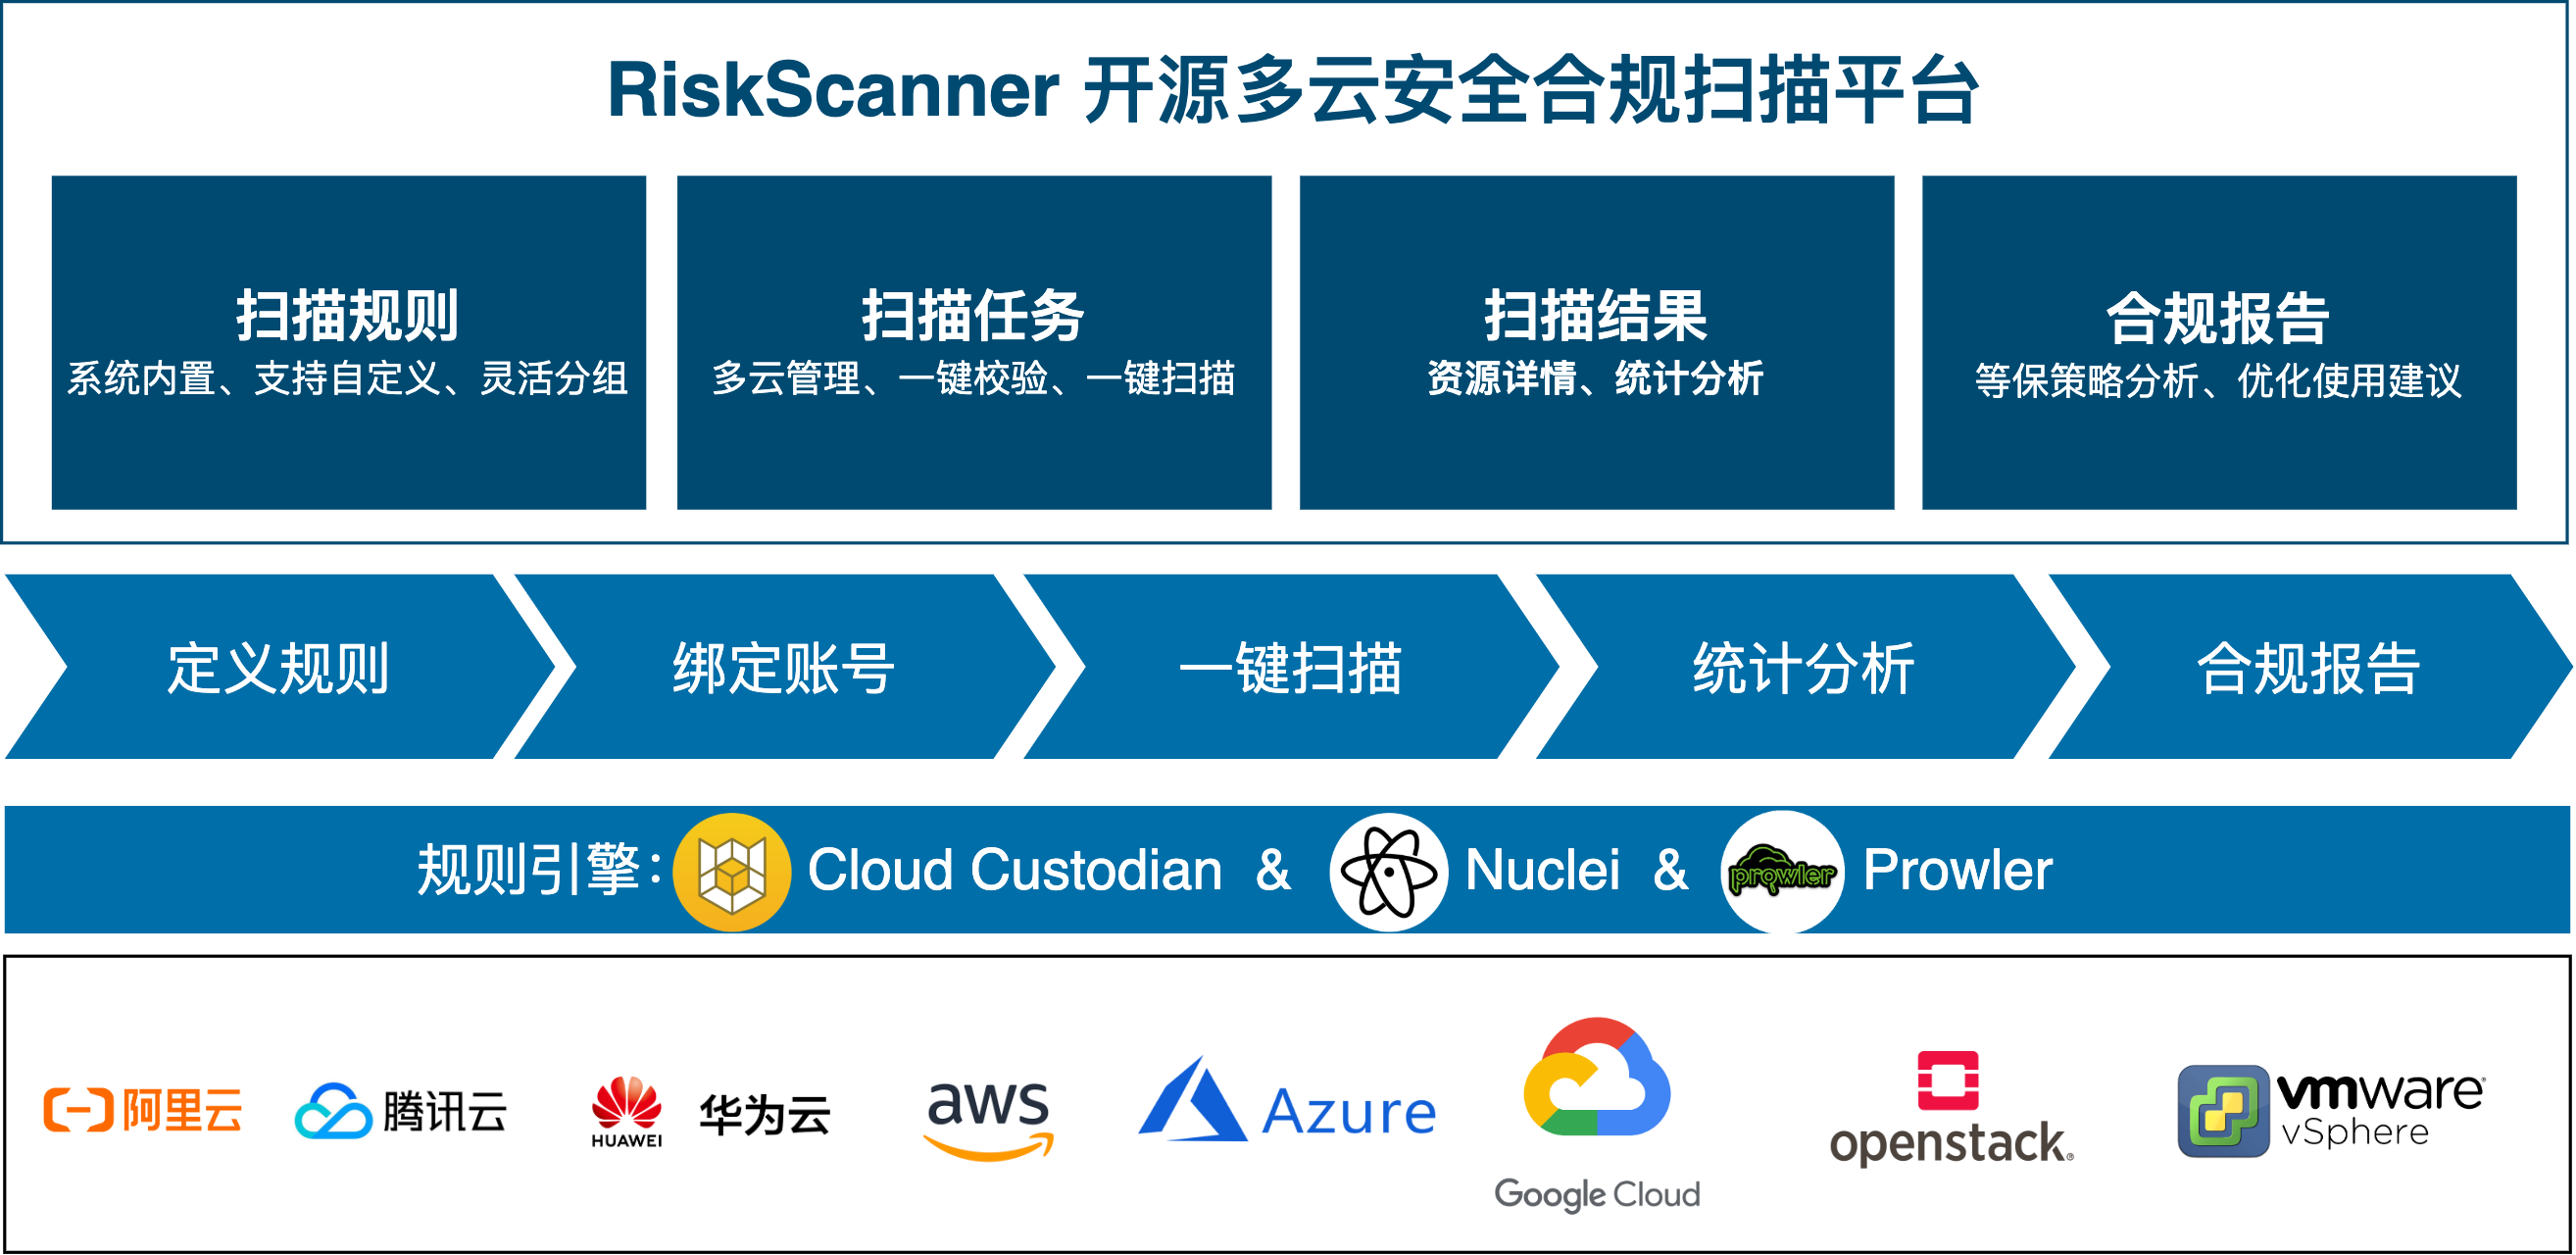 RiskScanner功能架构图